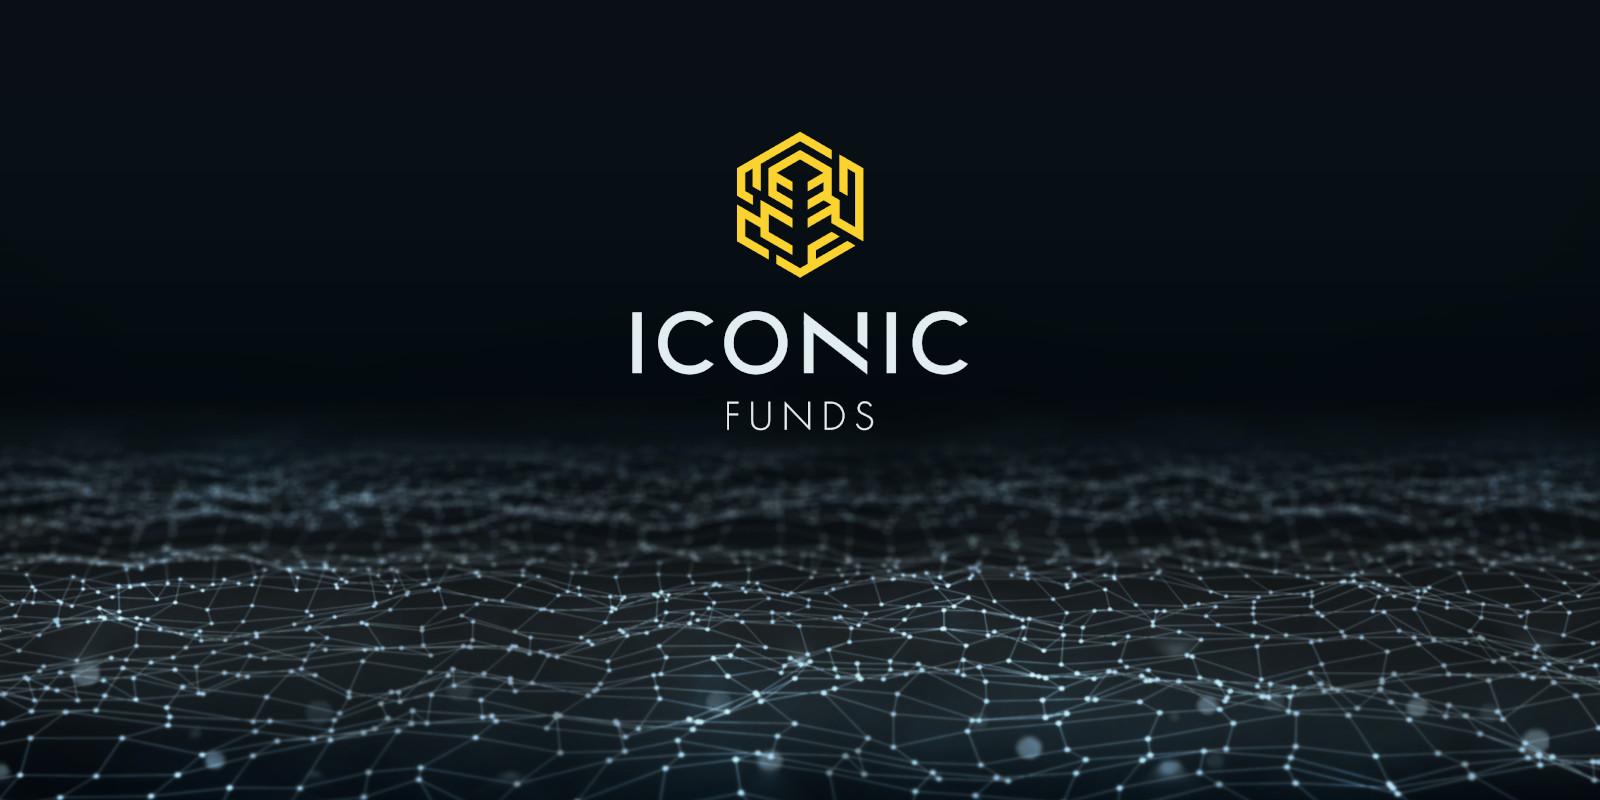 Der physisch besicherte Bitcoin-ETP von Iconic Funds ist nun über den Börsenverbund Euronext auch an den Handelsplätzen Paris und Amsterdam gelistet und in den Handel aufgenommen.